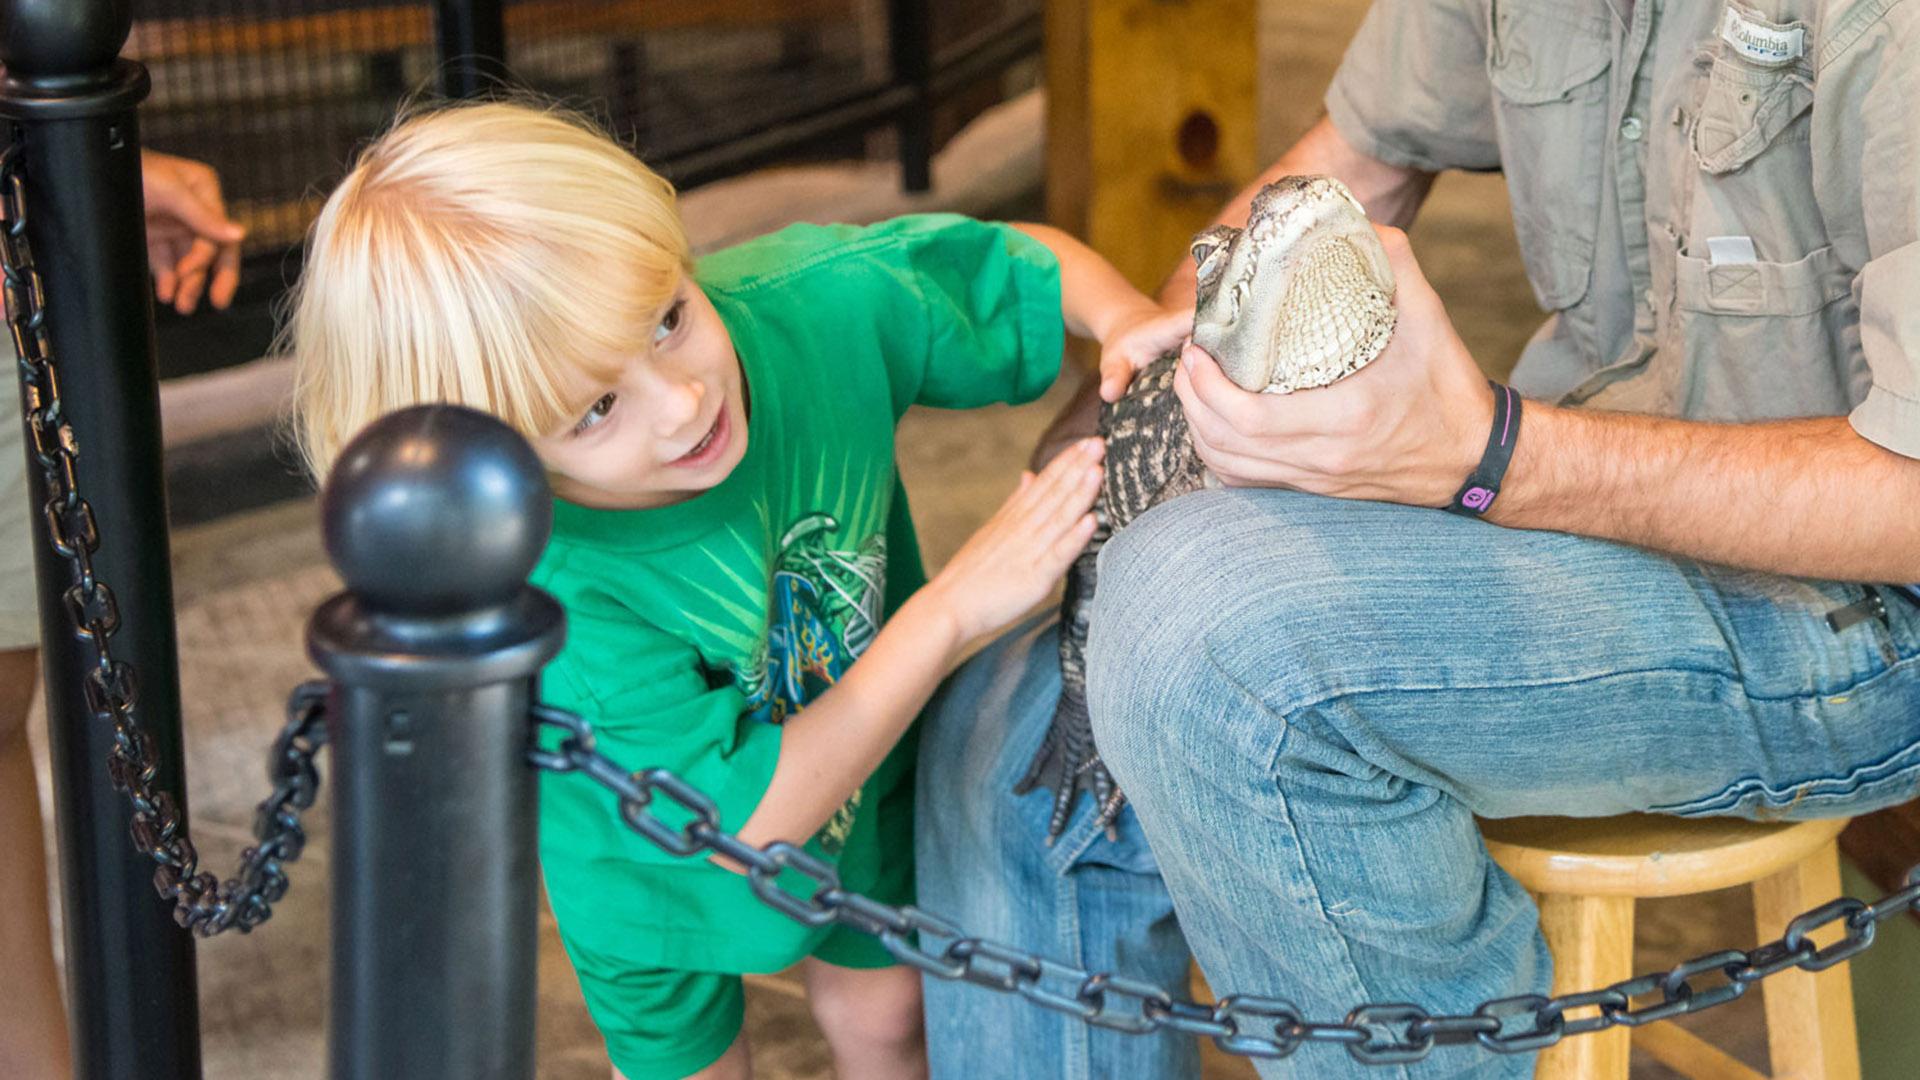 Boy touches alligator at Lake Tobias Wildlife Park Reptiles & Exotics Building